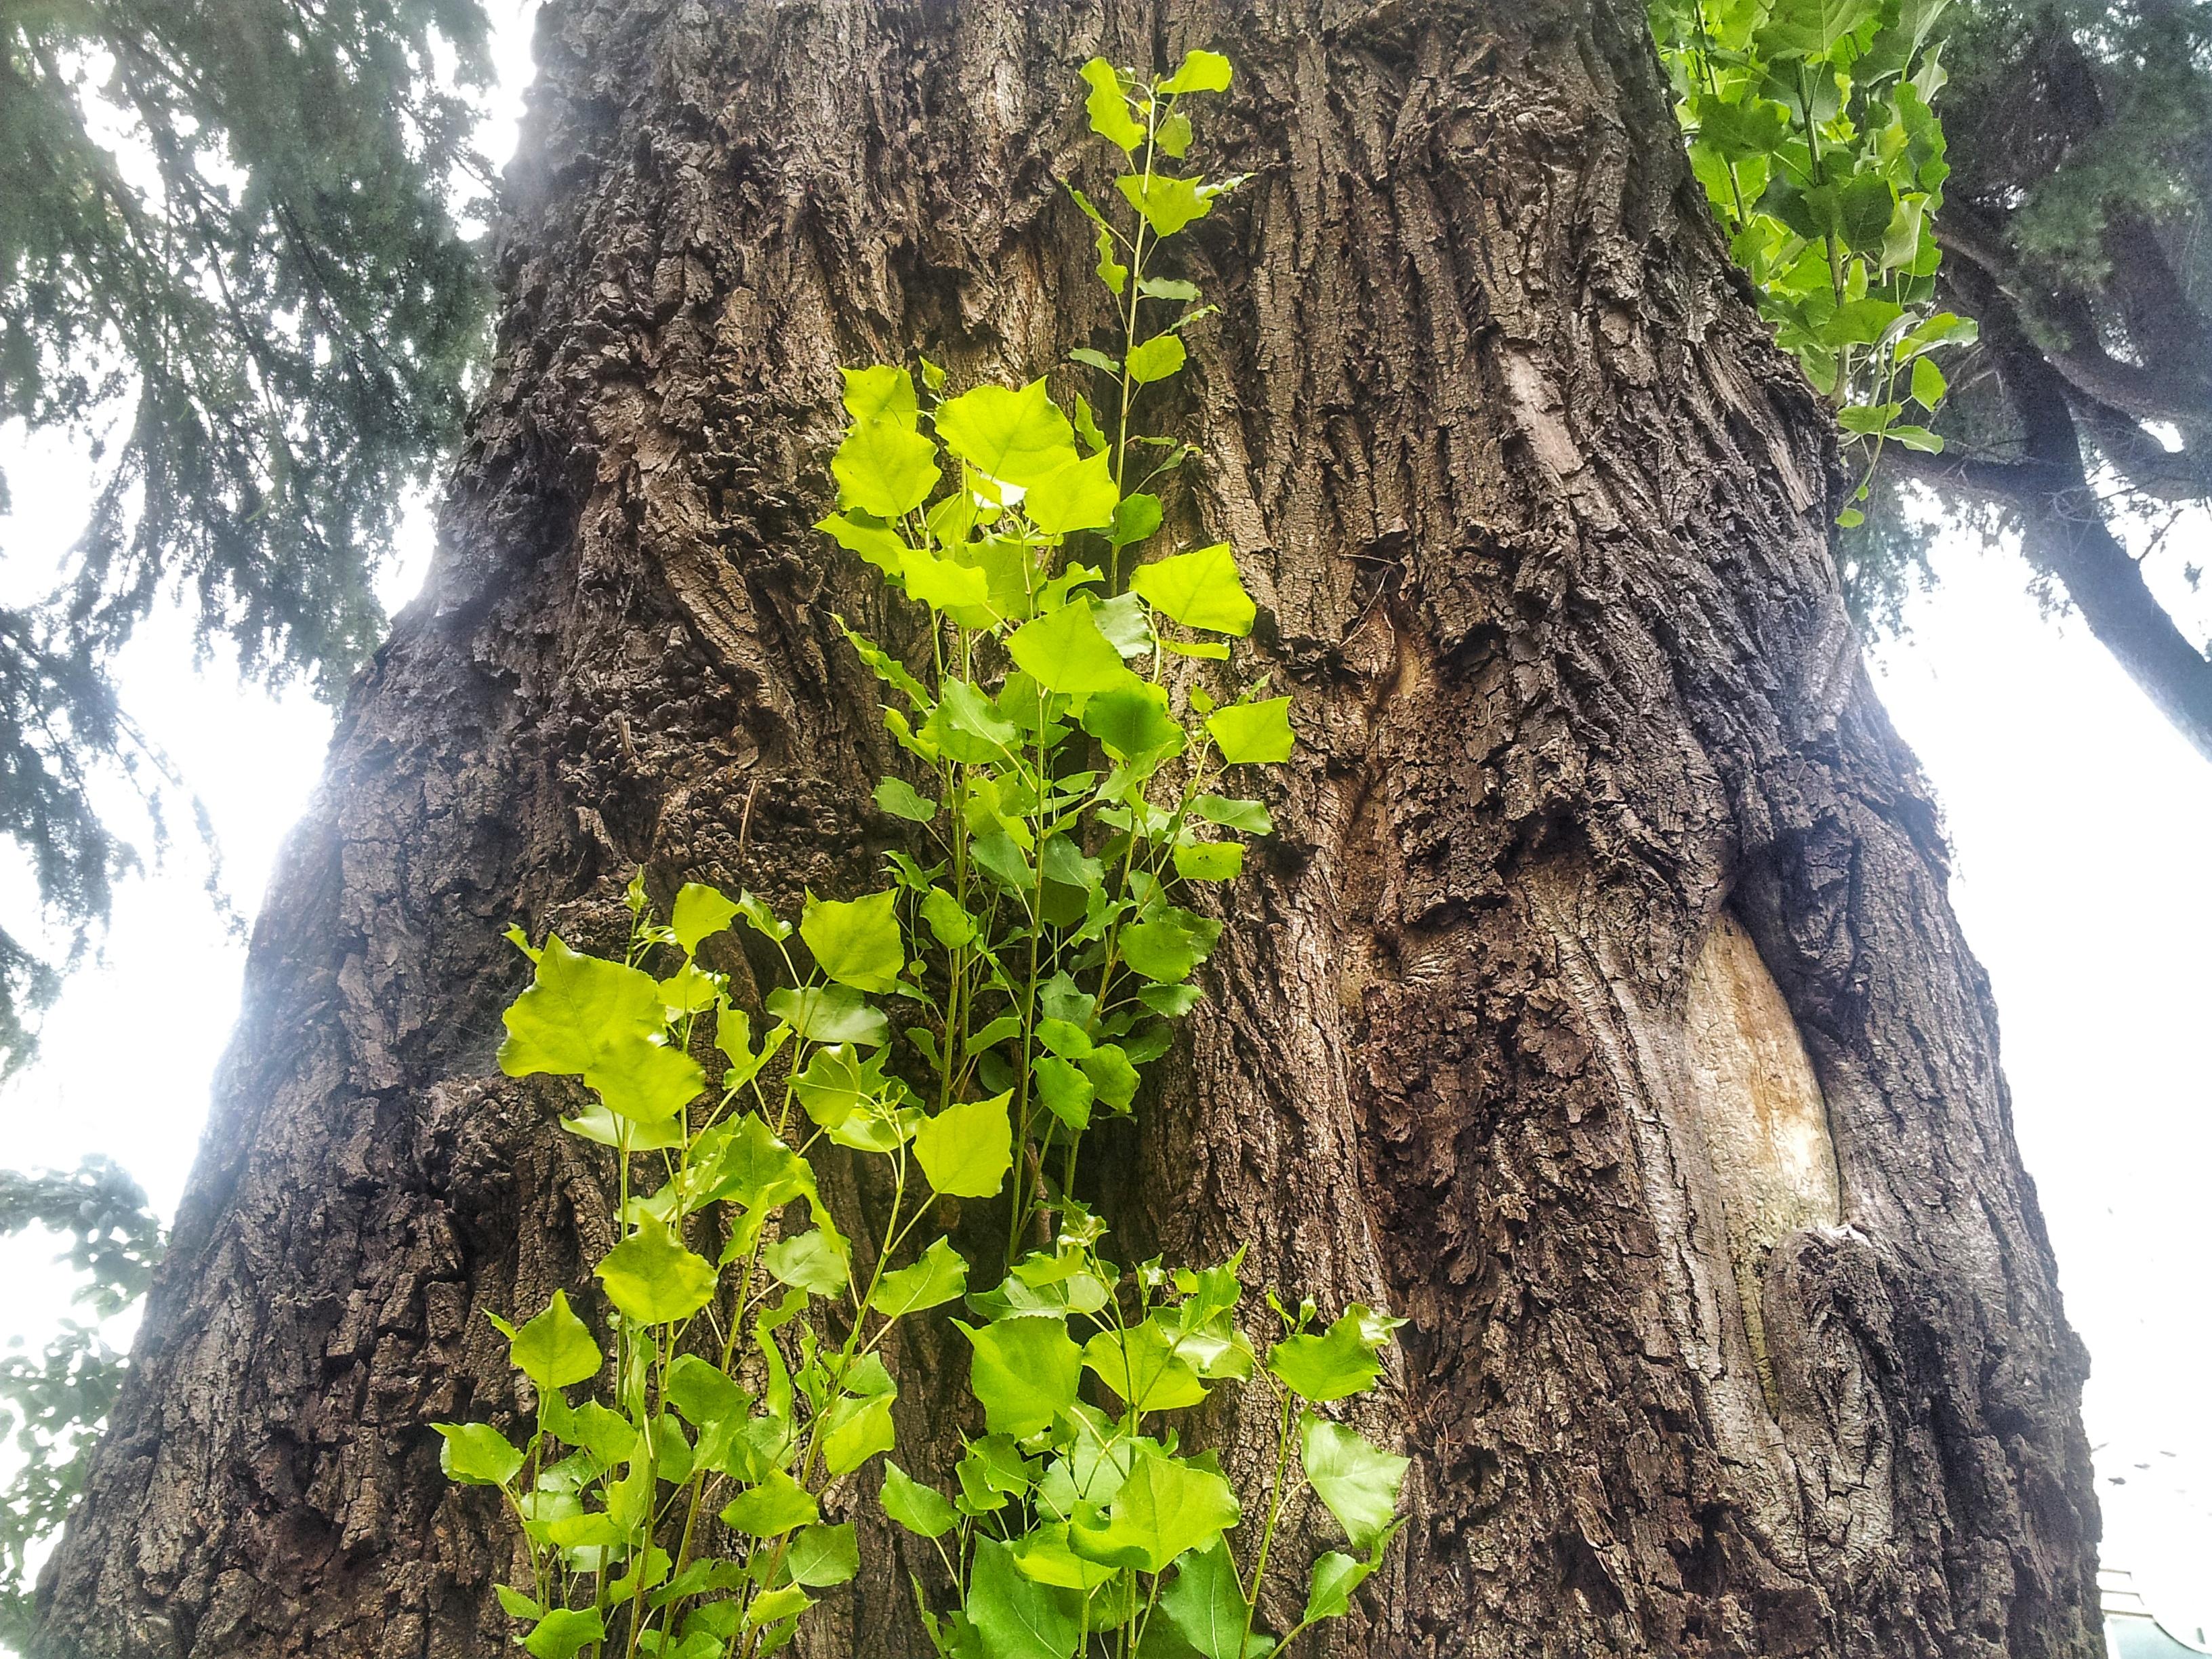 초록 꽃잎 나무 줄기 초록 새싹 봄 여름 가을 잎사귀 젊은 푸른 숲 지점 늙은 나무 무료이미지